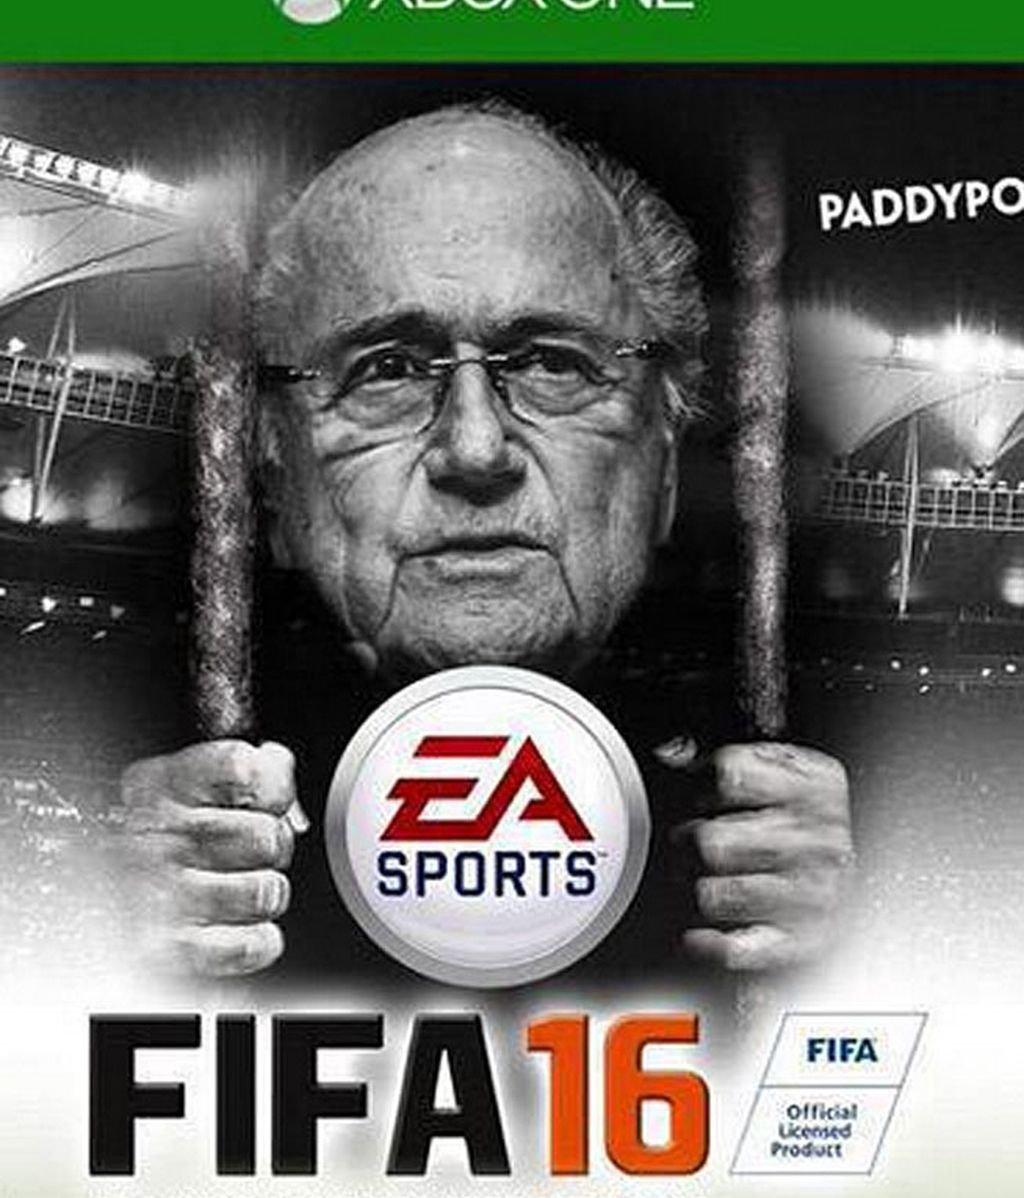 Las redes sociales se ríen de la FIFA y de Blatter tras su escándalo